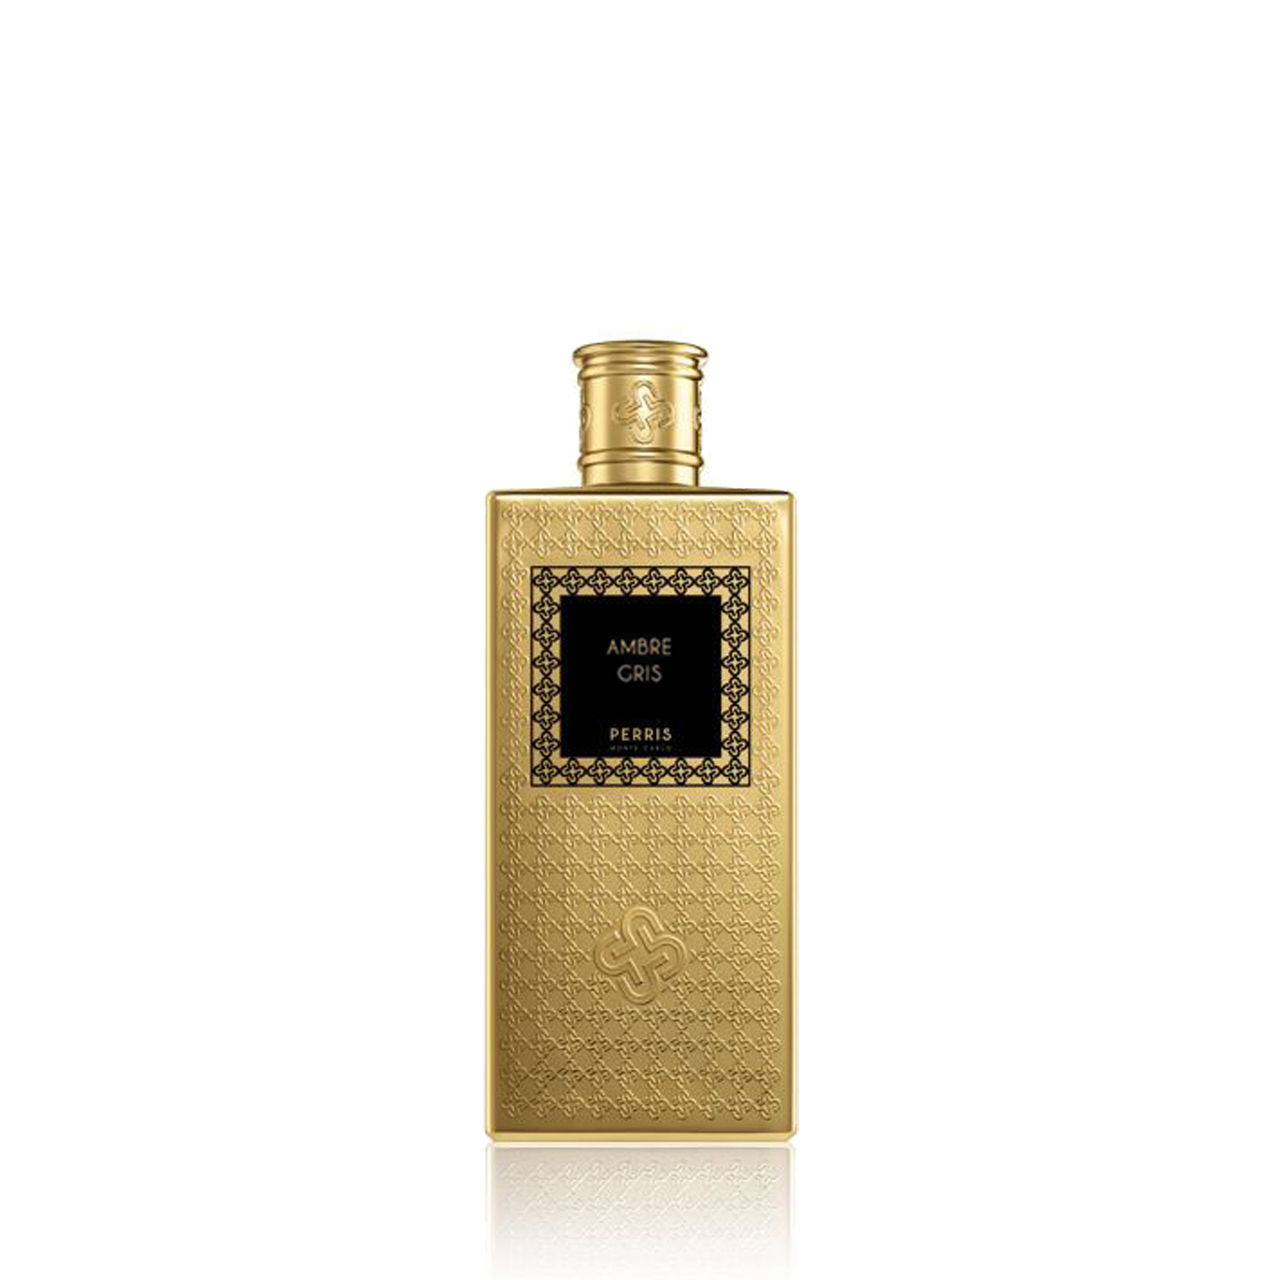 Ambre Gris - Eau de Parfum